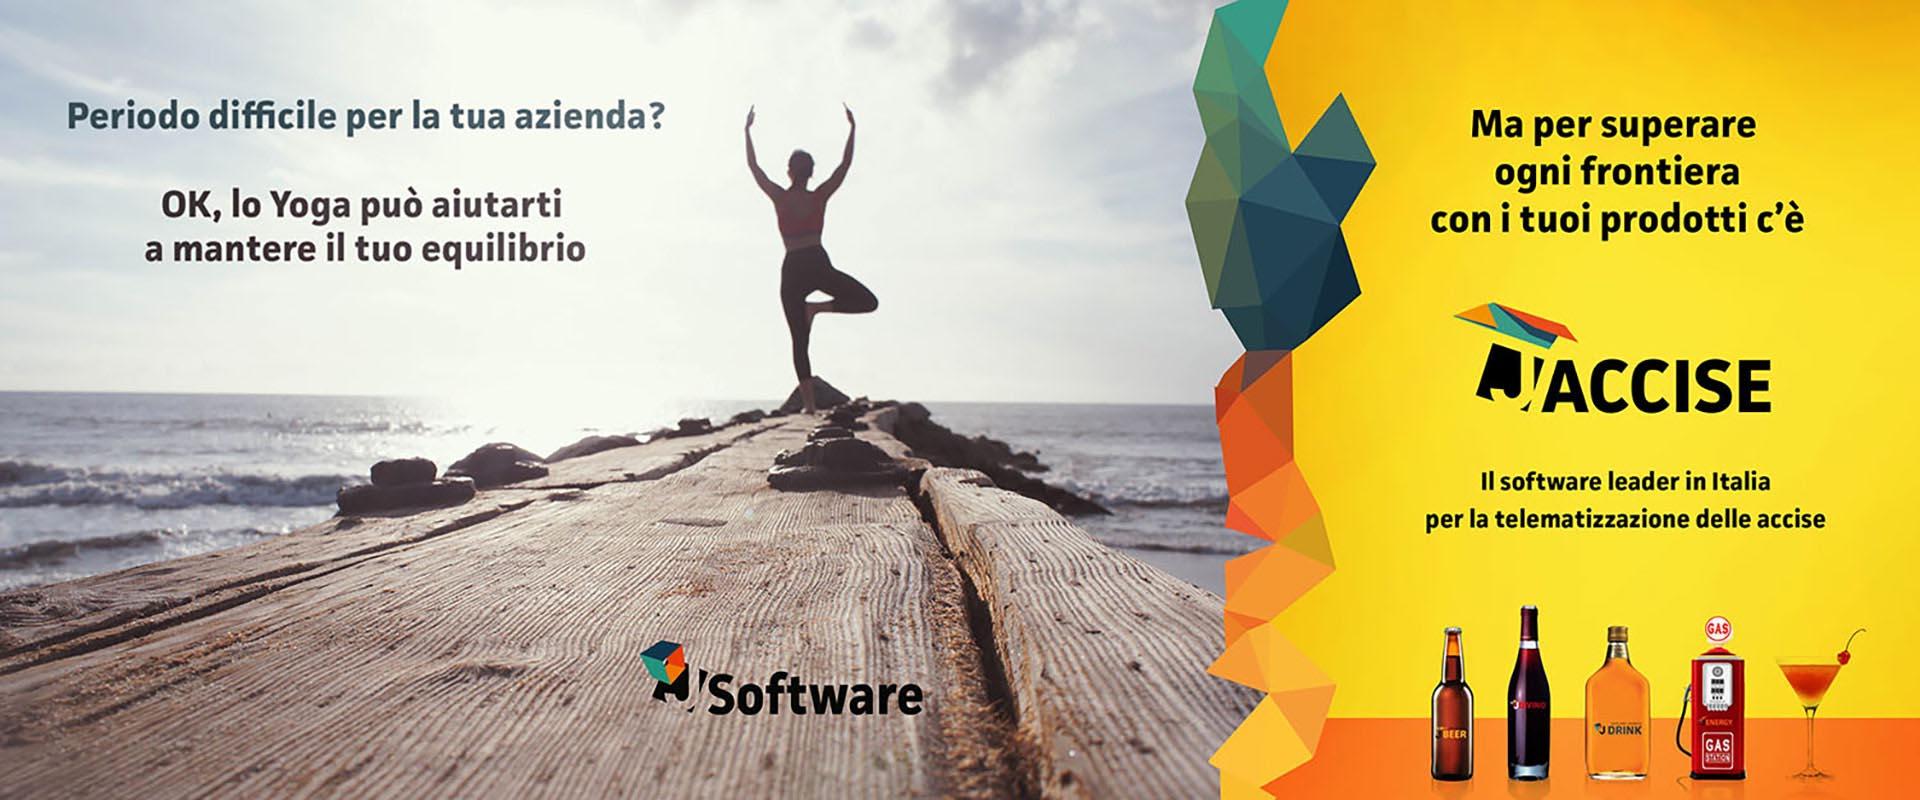 J-accise J-Software telematizzazione delle accise